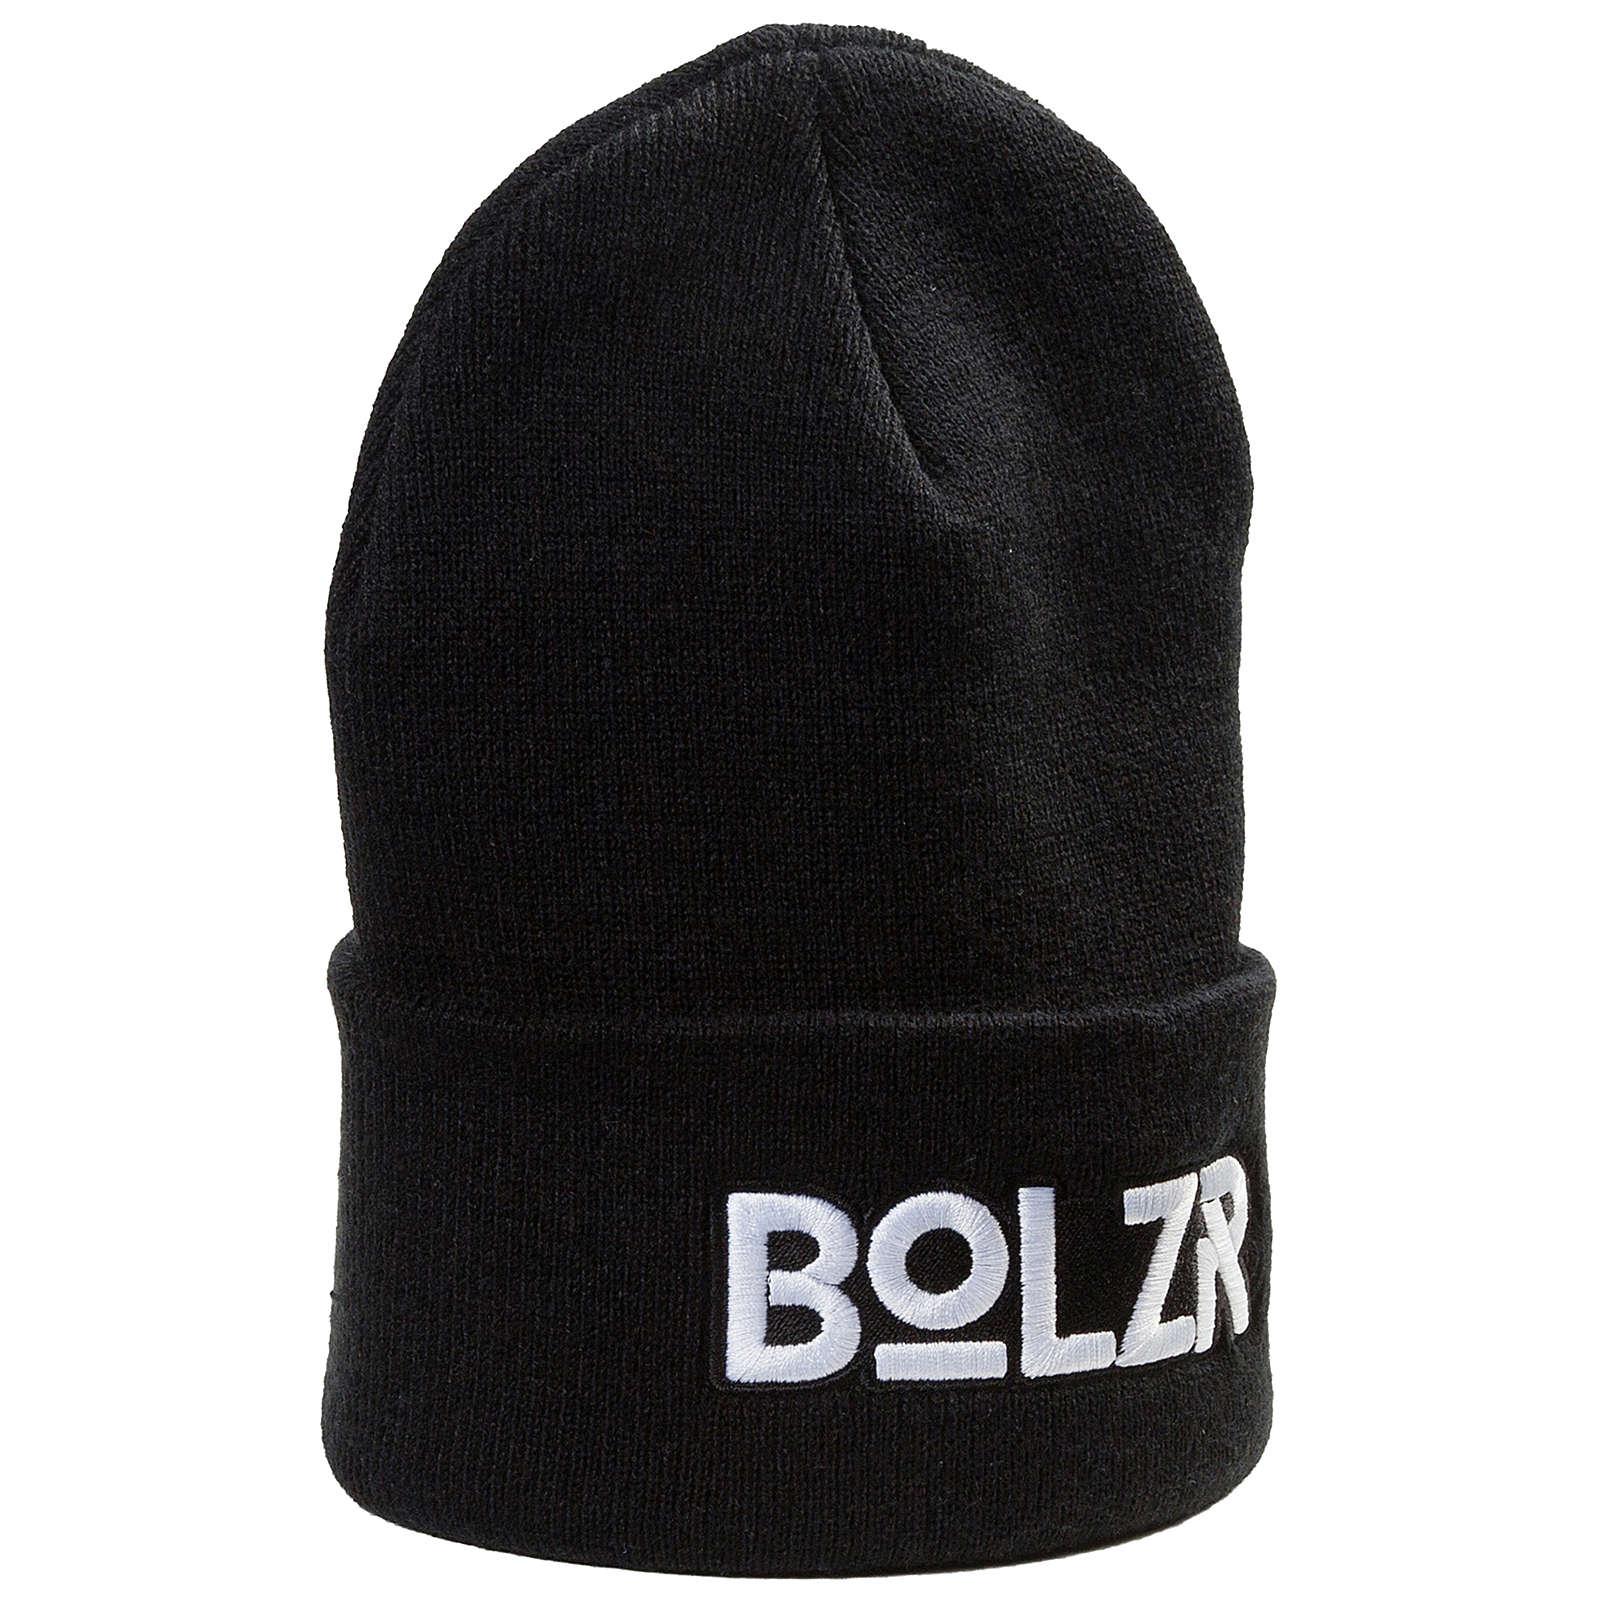 Bolzr Beanie Caps schwarz/weiß Gr. one size